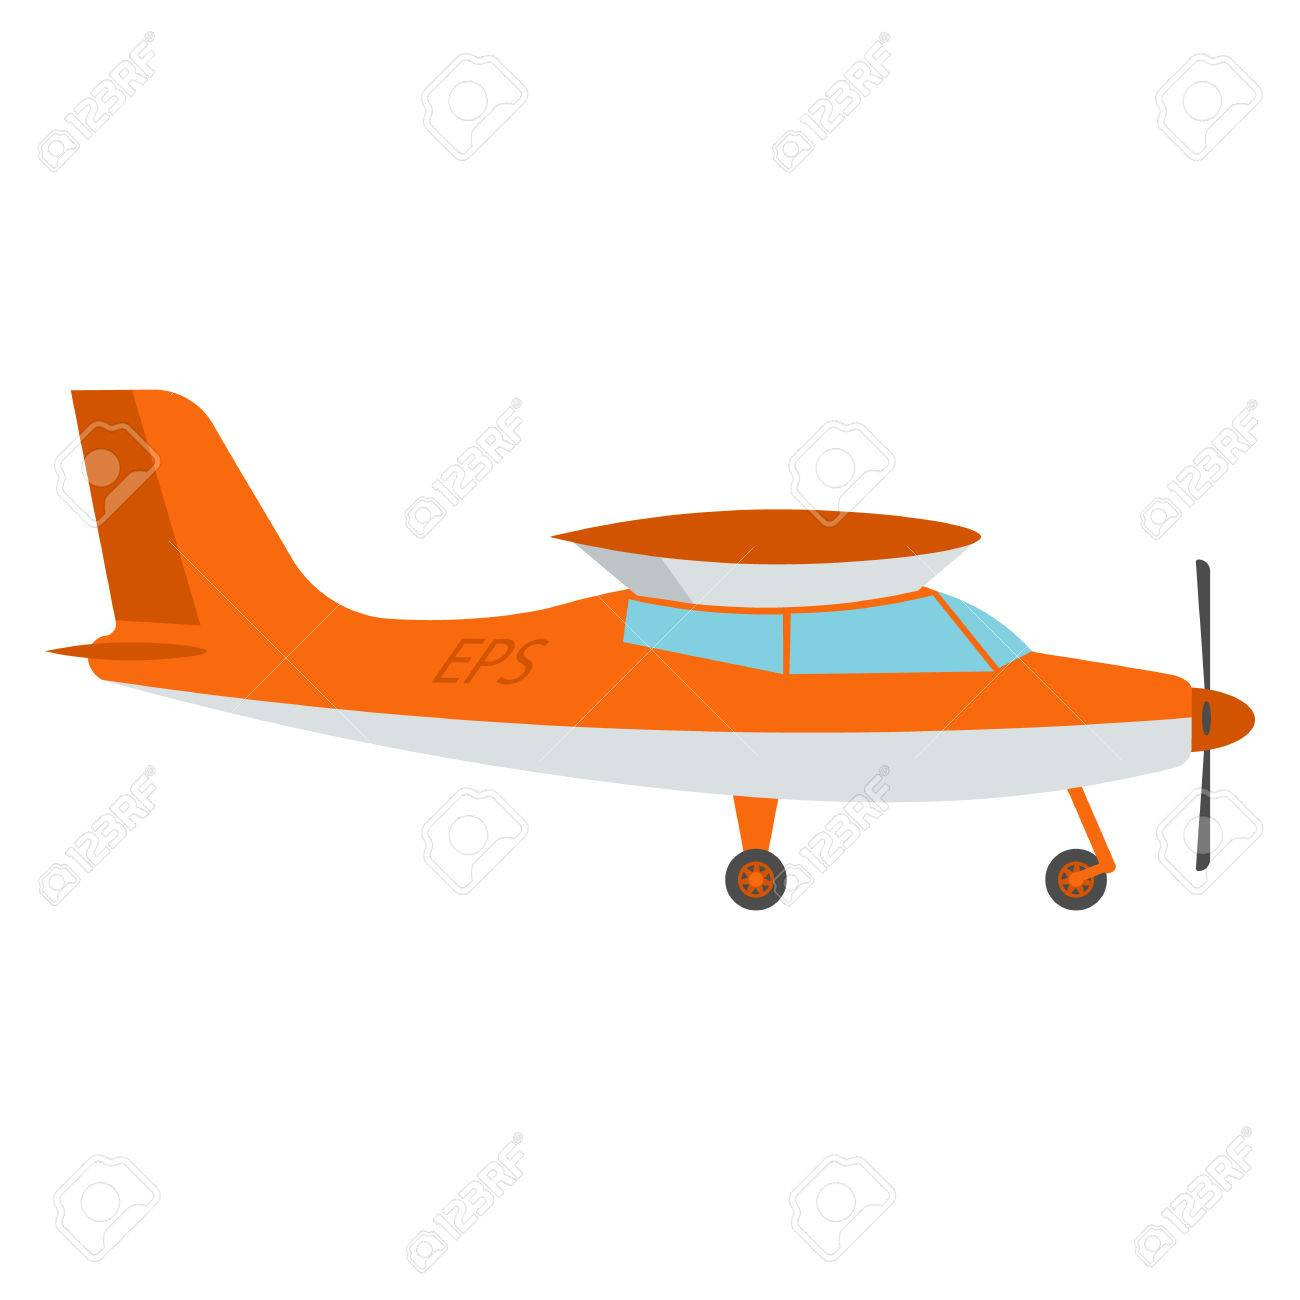 Ilustración Vectorial Avión Ligero. Los Aviones Ligeros De Color ...